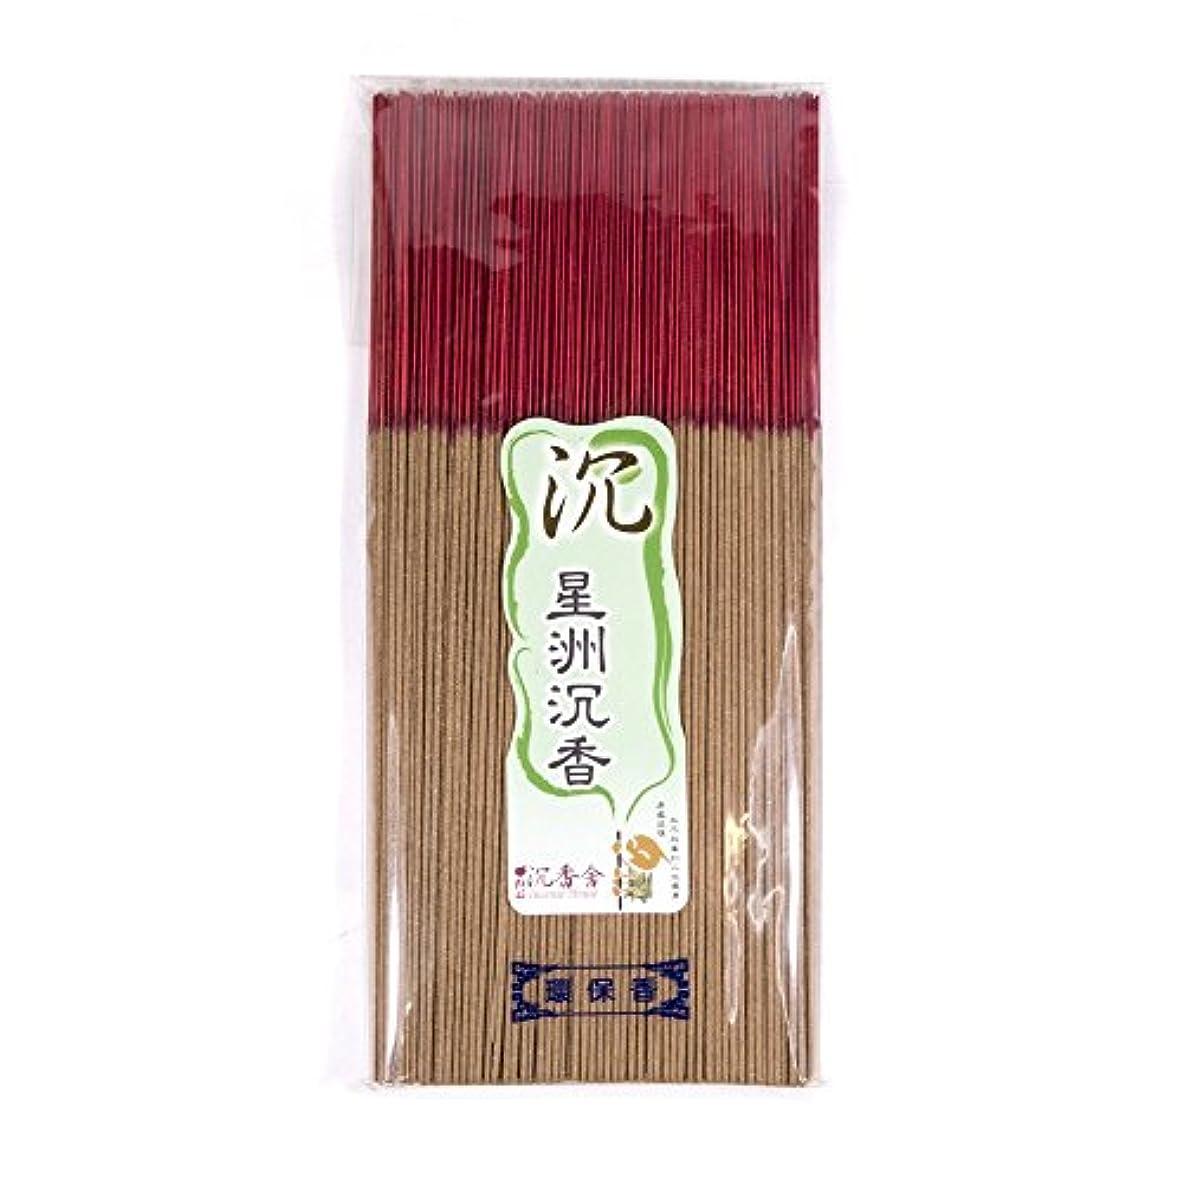 台湾沉香舍 星洲沈香 台湾のお香家 - 沈香 30cm (木支香) 300g 約400本